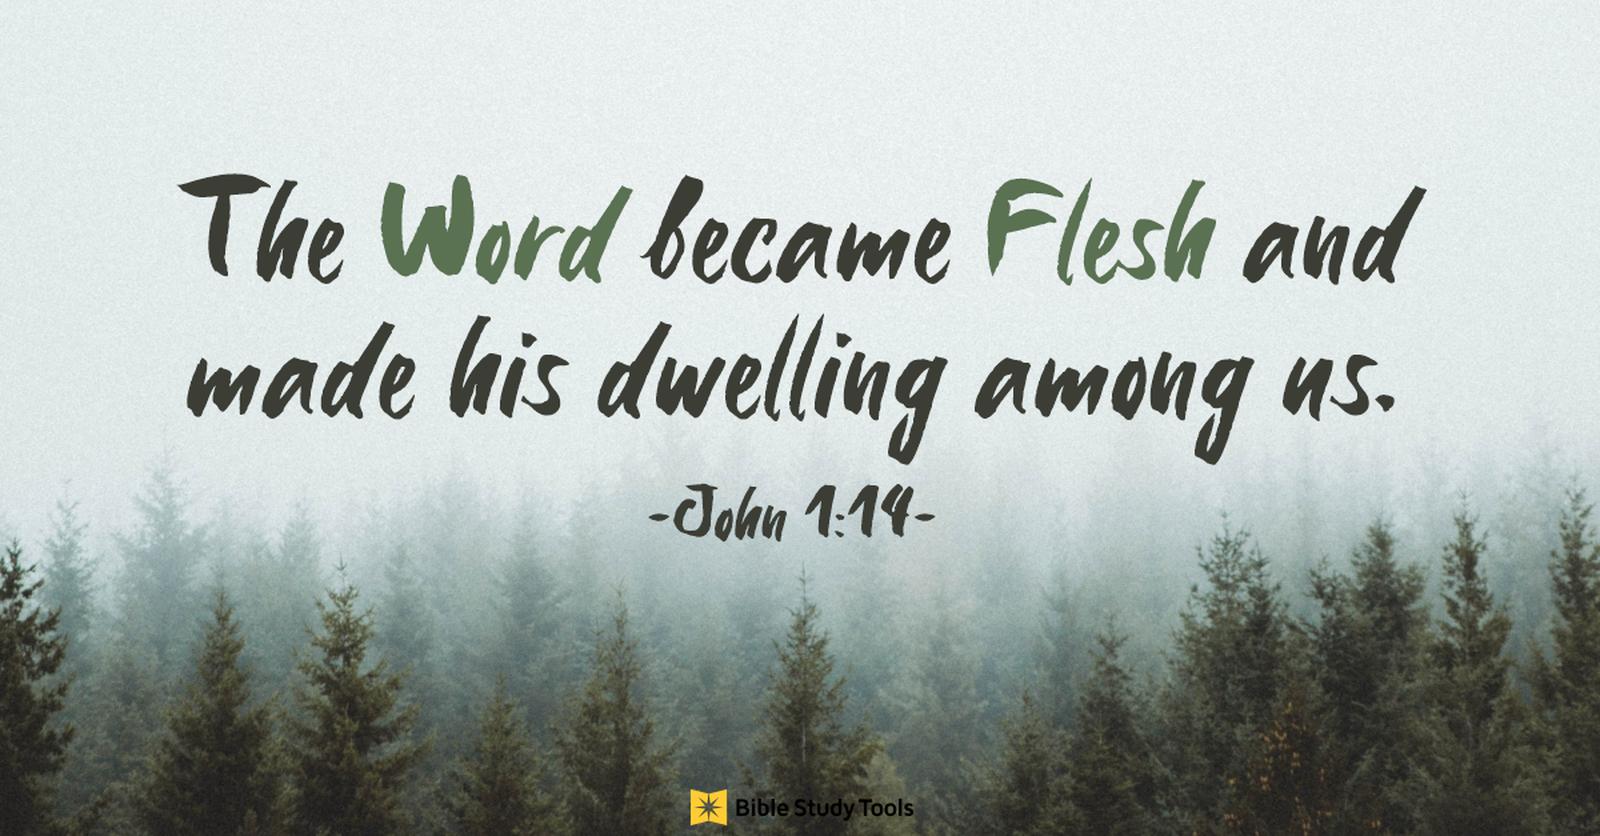 1. God Became Flesh and Dwelt Among Us